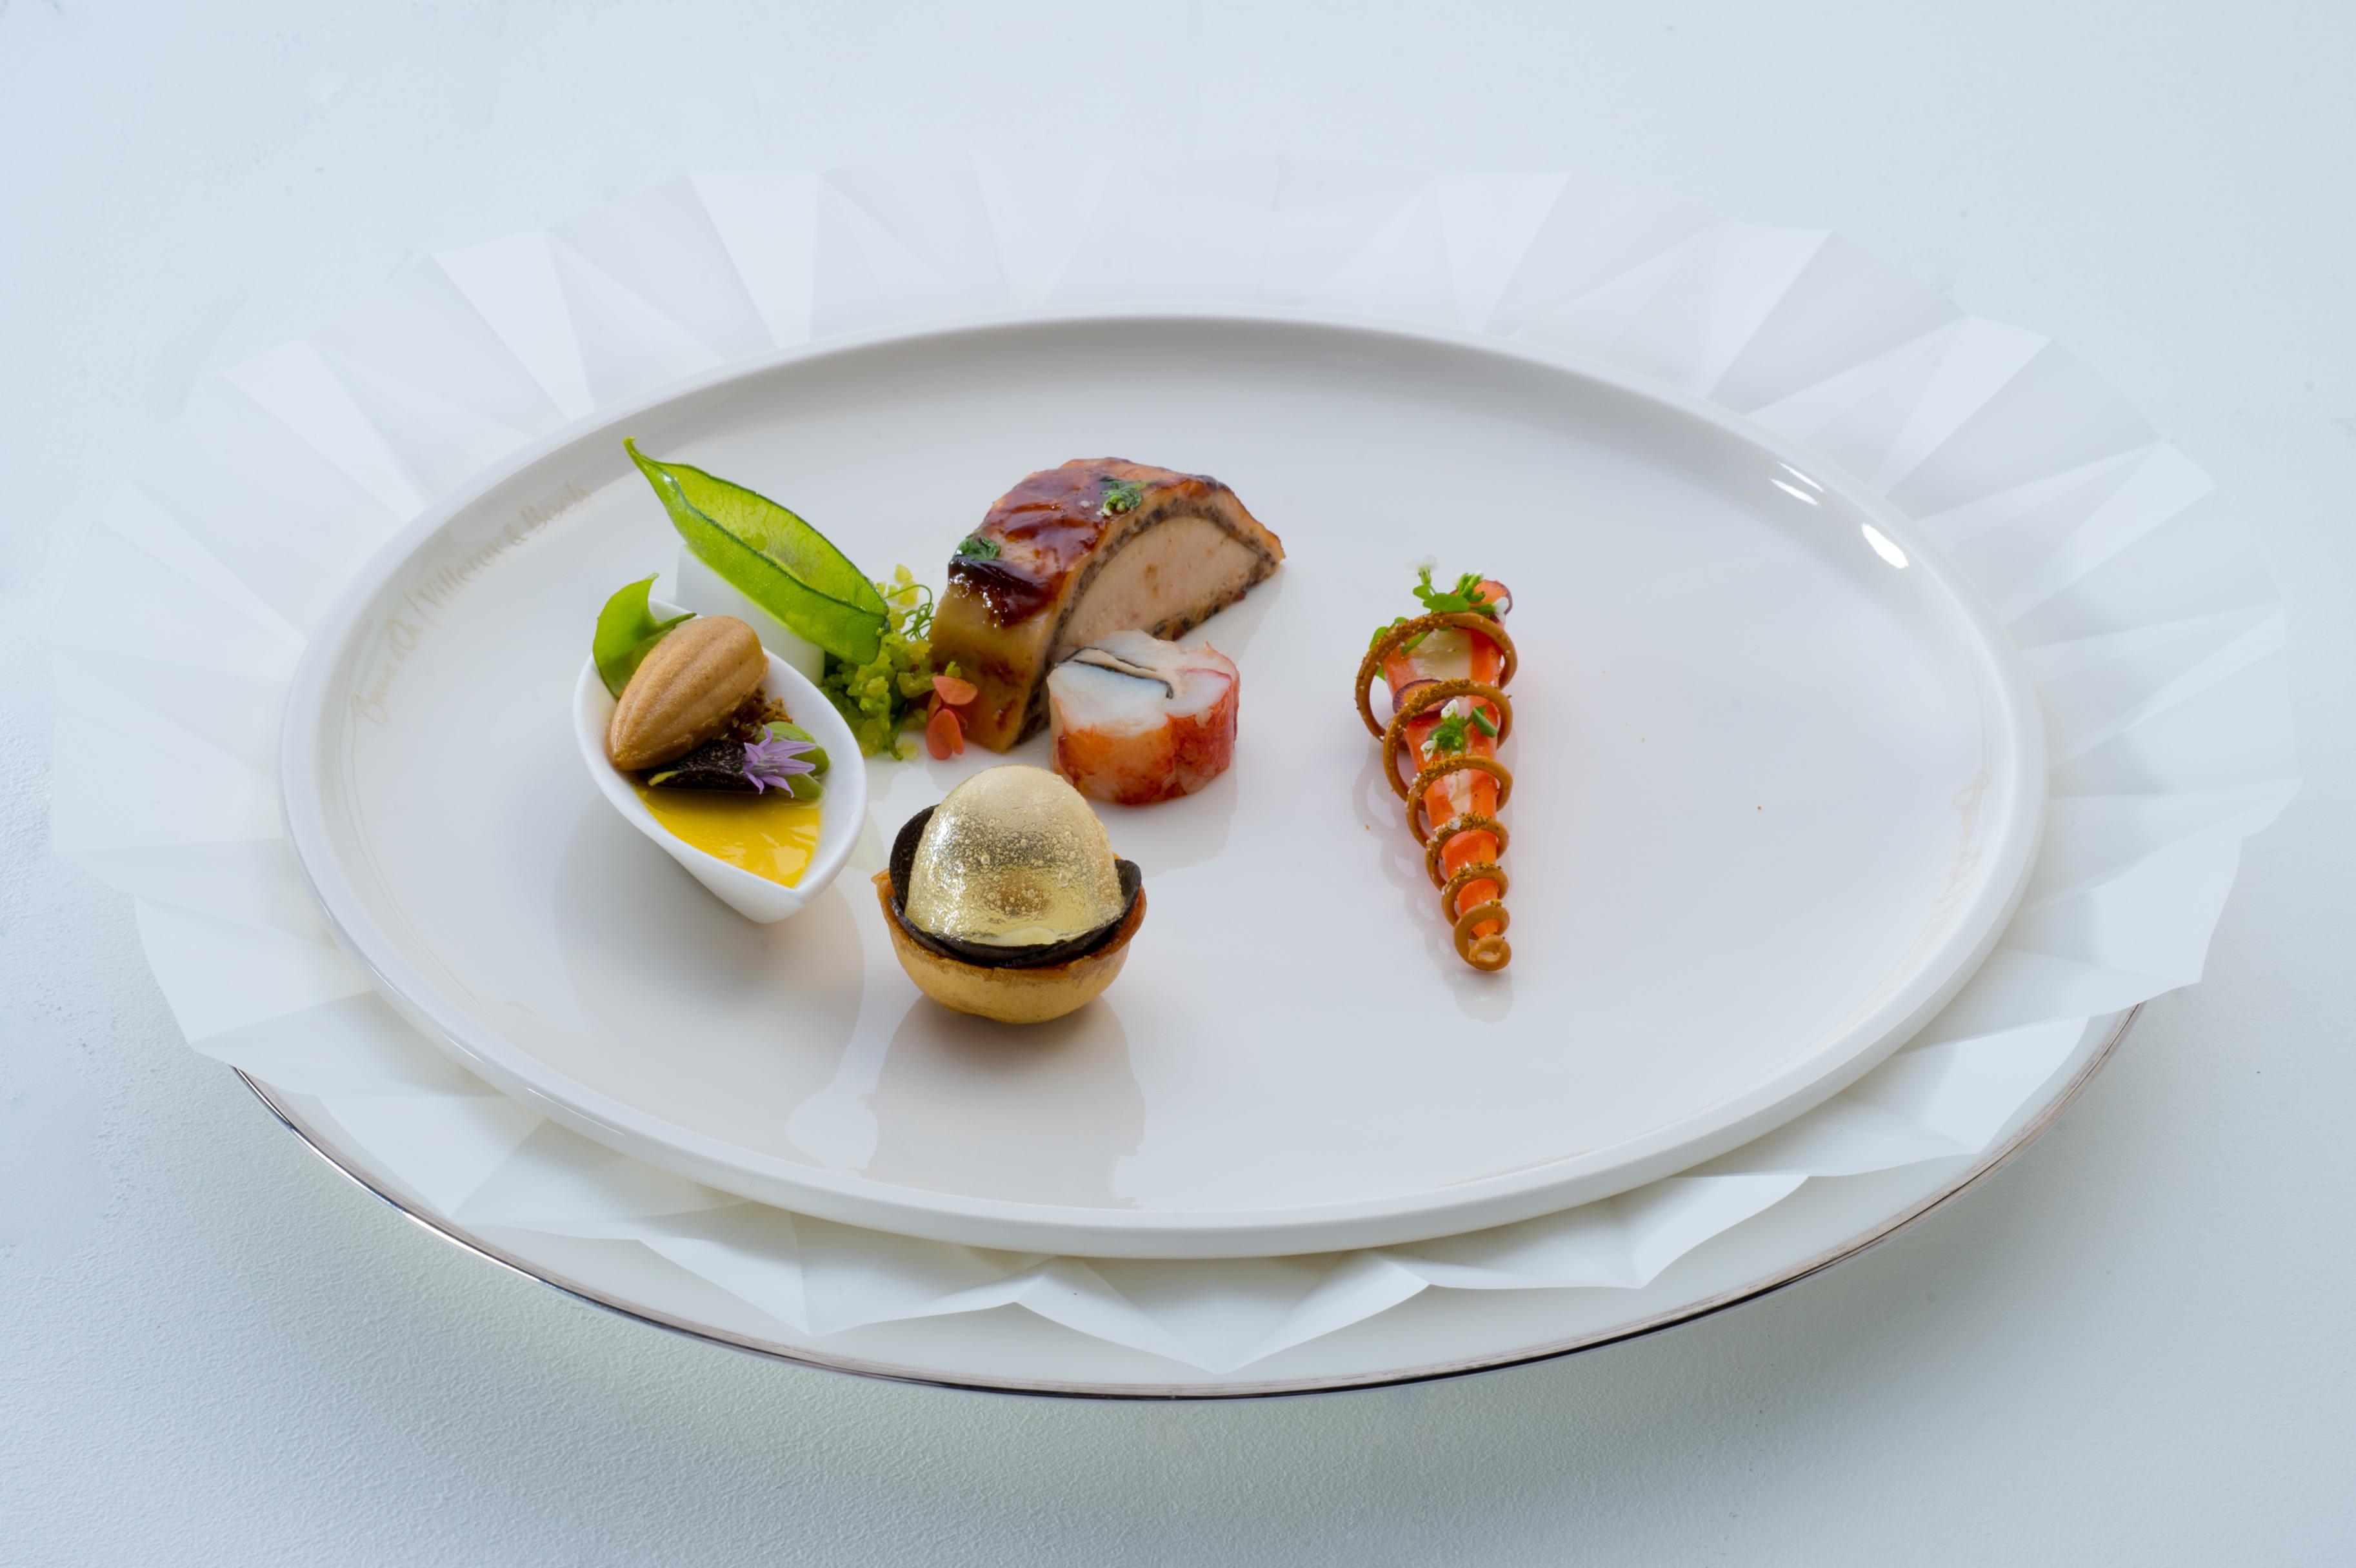 фото конкурсных блюд поваров этого сохраняйте